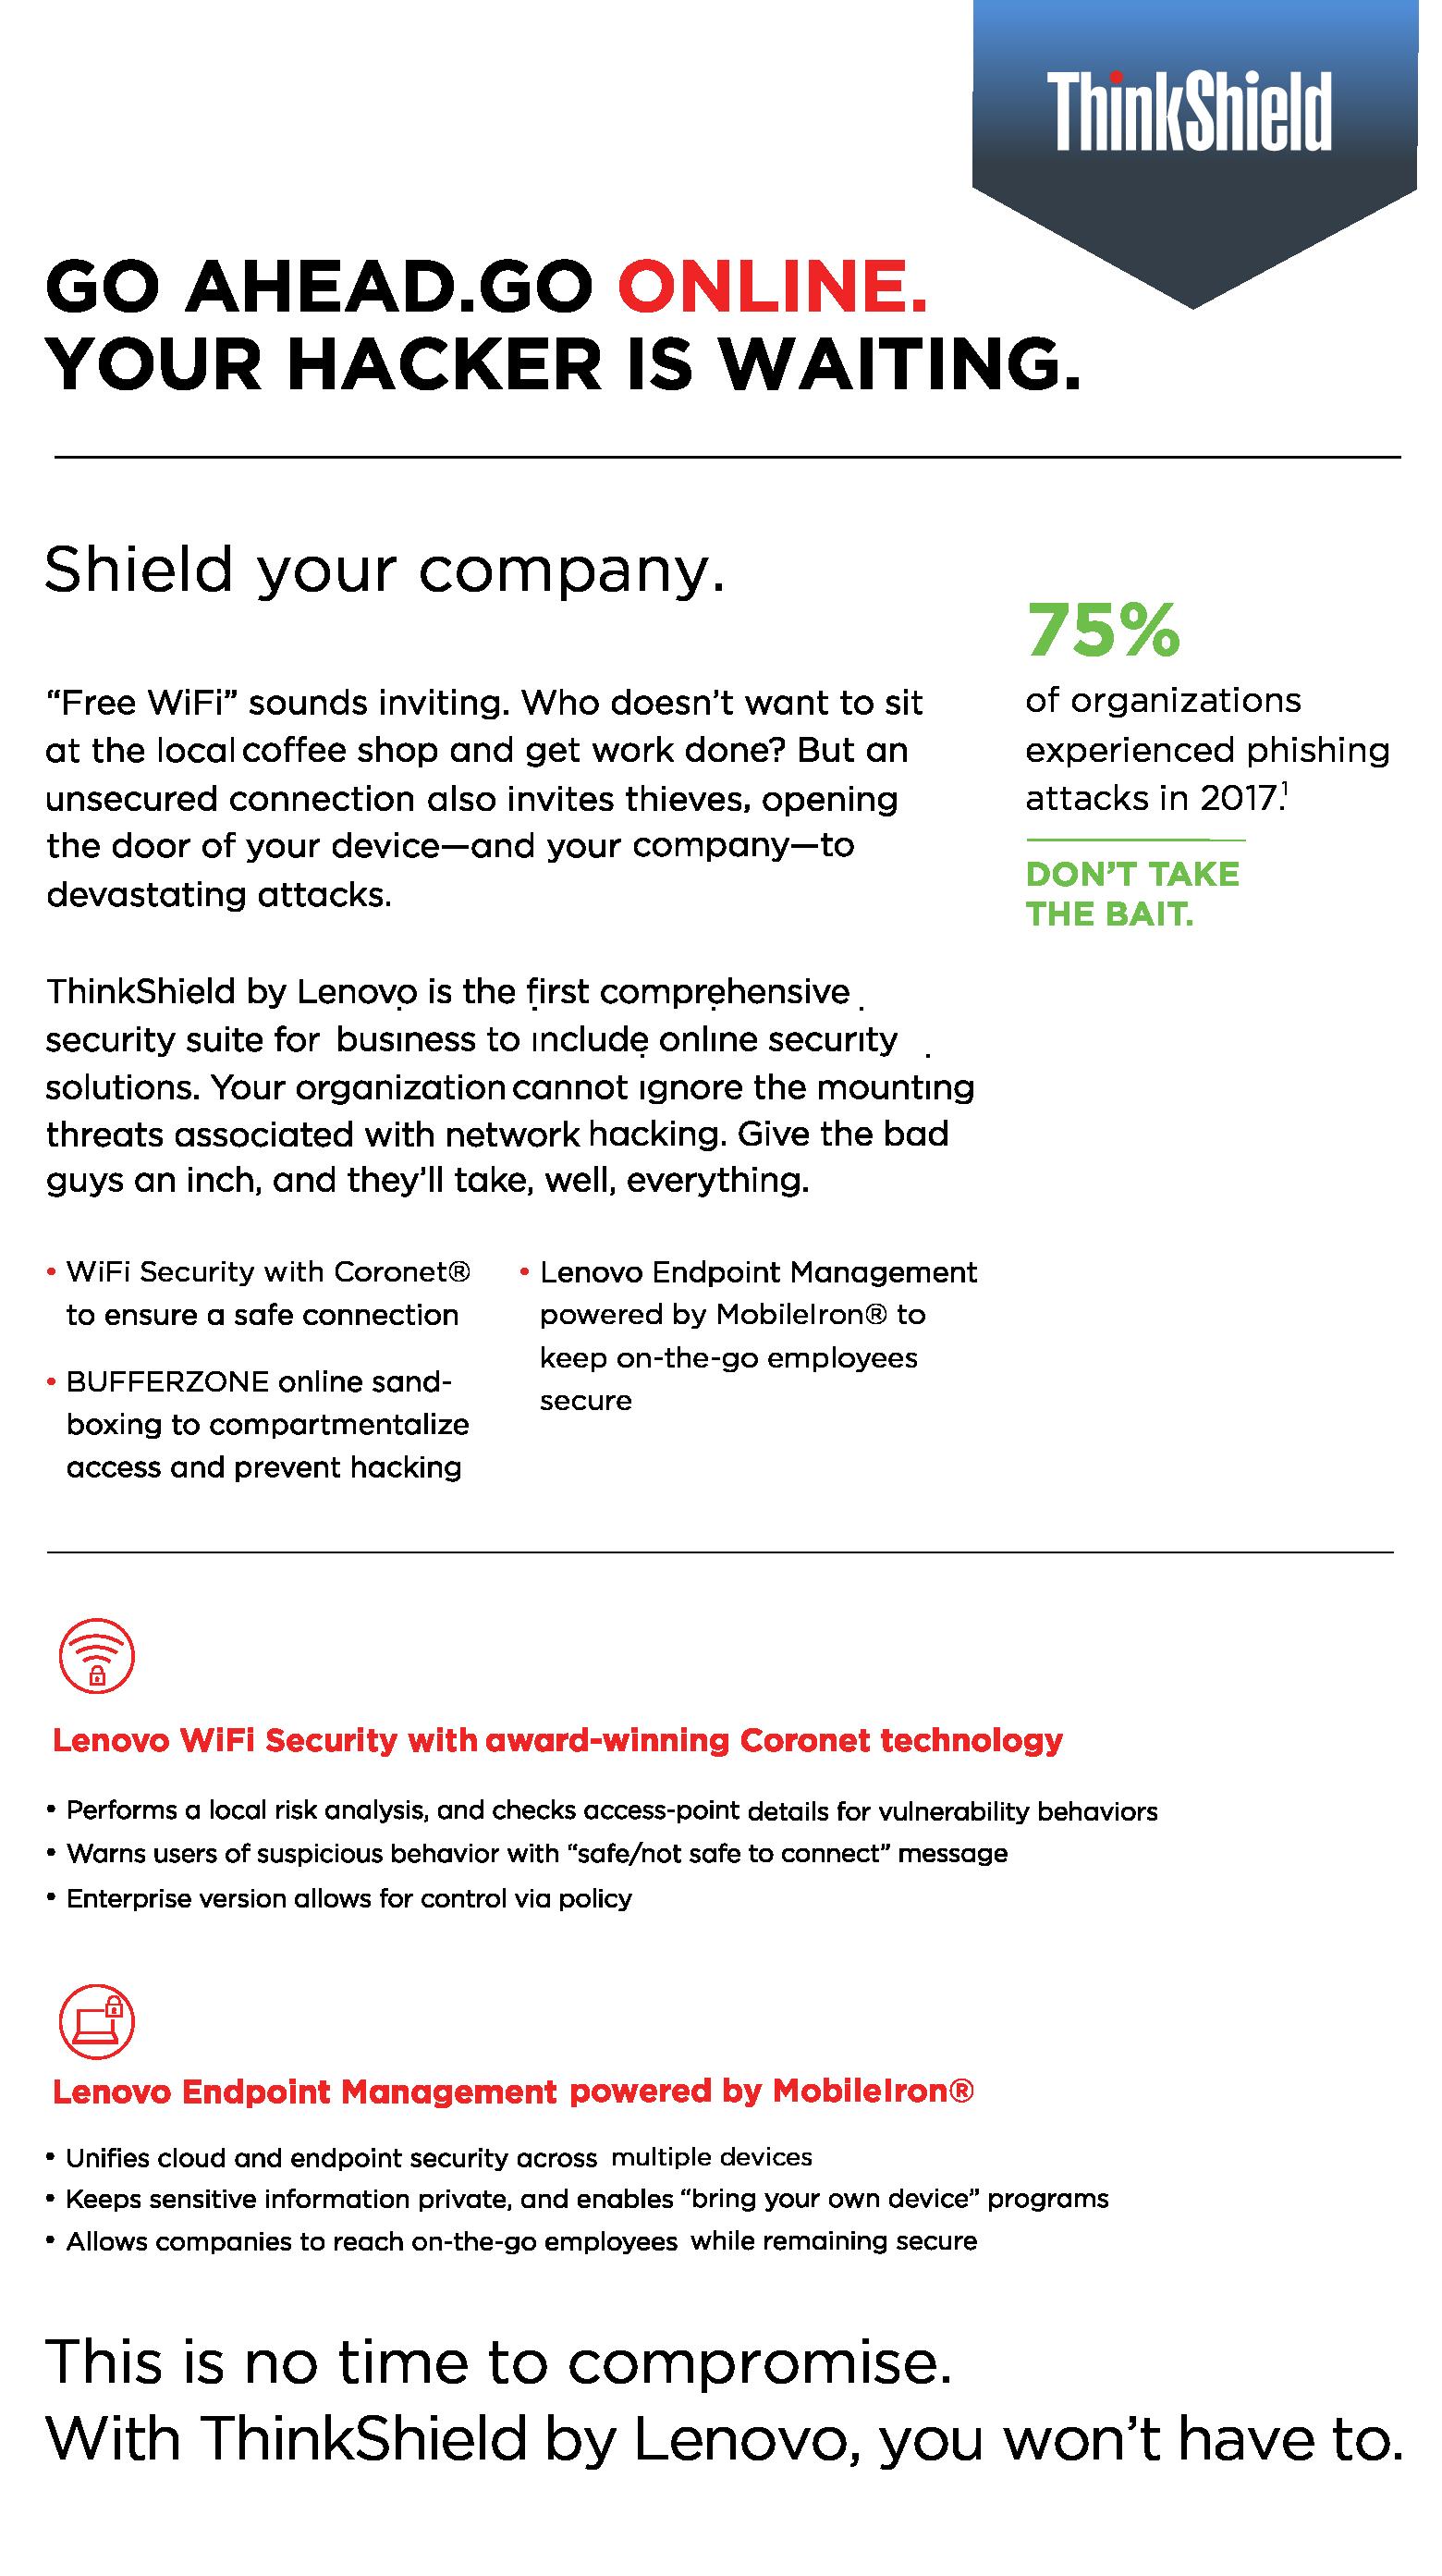 ThinkShield: Wifi Security With Bufferzone, Coronet